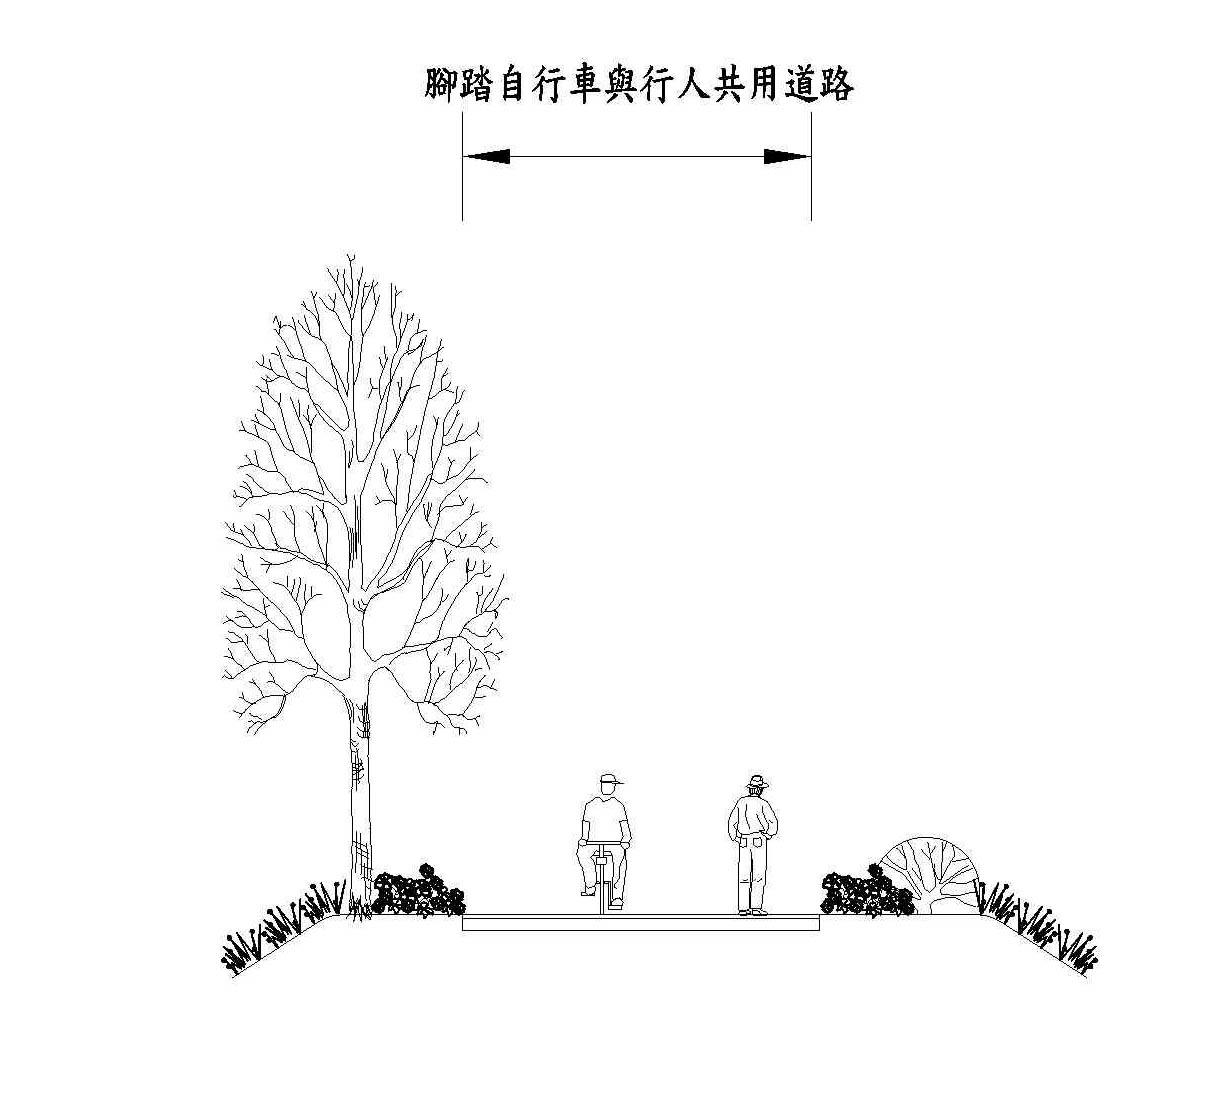 腳踏自行車與行人共用道路示意圖